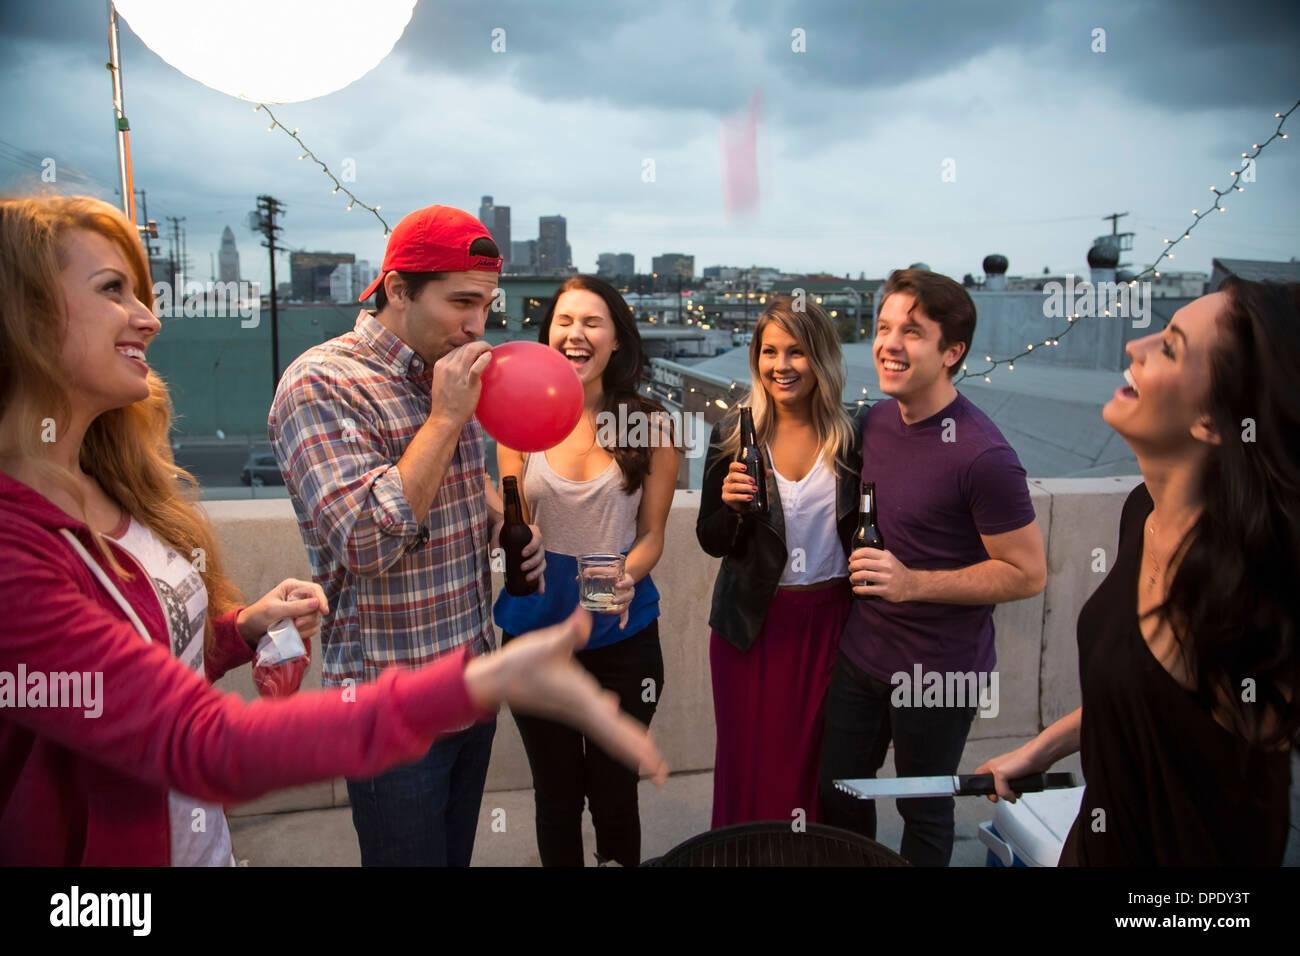 Adultos jóvenes amigos jugando en la barbacoa Imagen De Stock